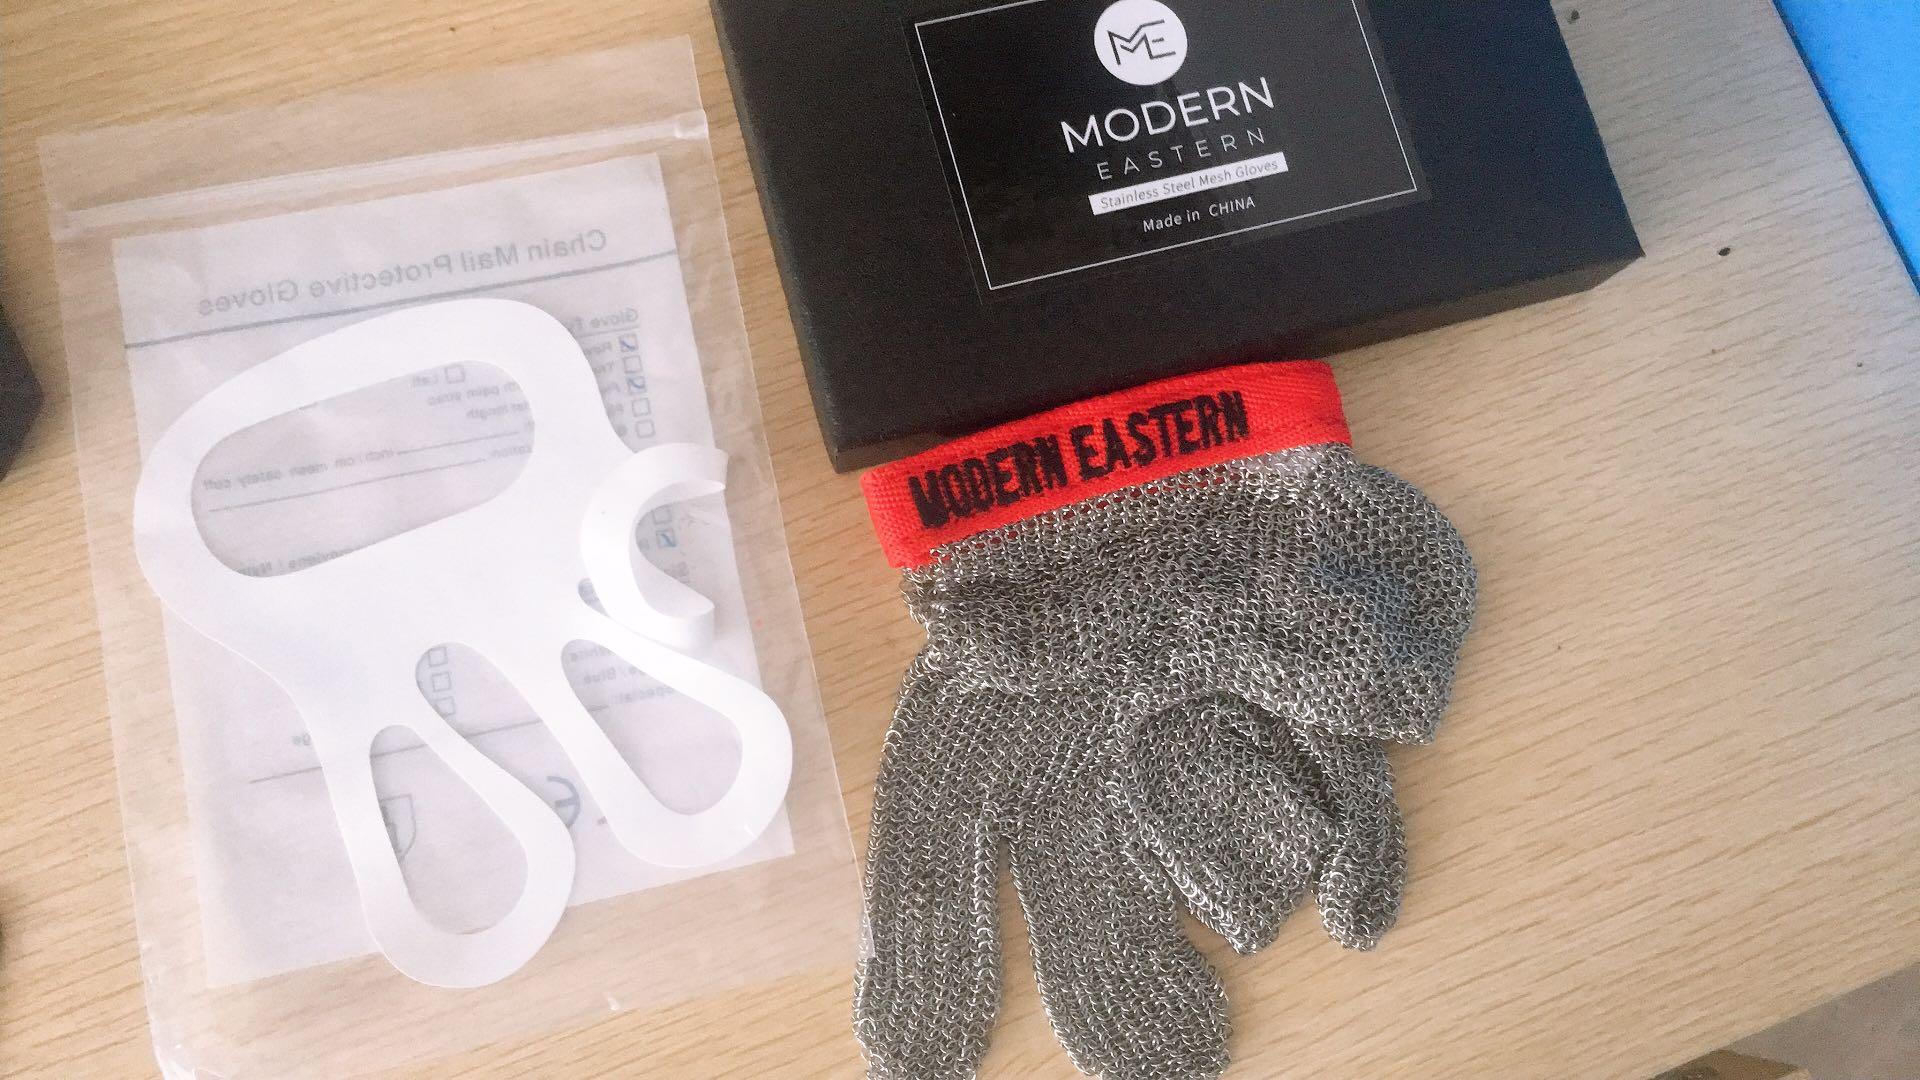 Mesh Gloves Modern Eastern